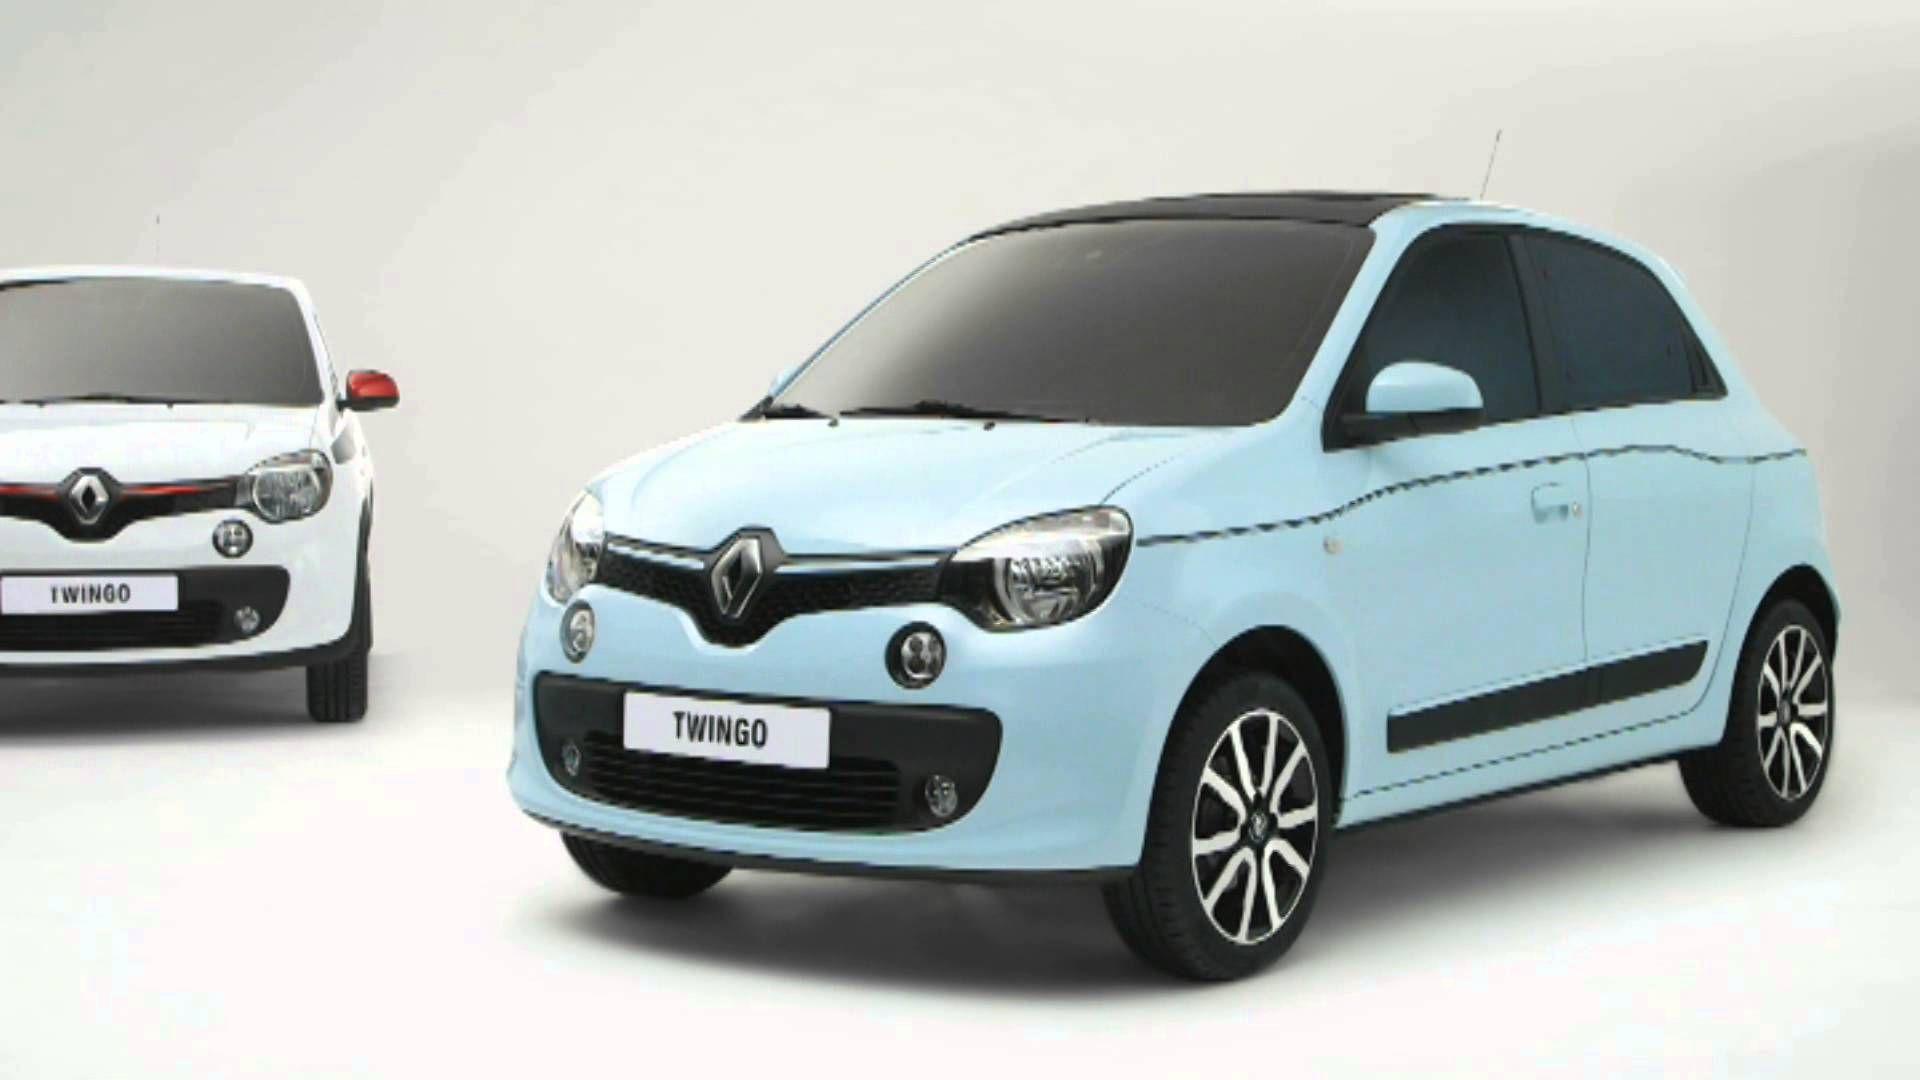 Renault Ha Svelato La Nuova Twingo Che Potremo Ammirare Al Salone Di Ginevra 2014 Https Www Youtube Com Watch V Jbhuom2h New Renault Mini Cars Super Cars